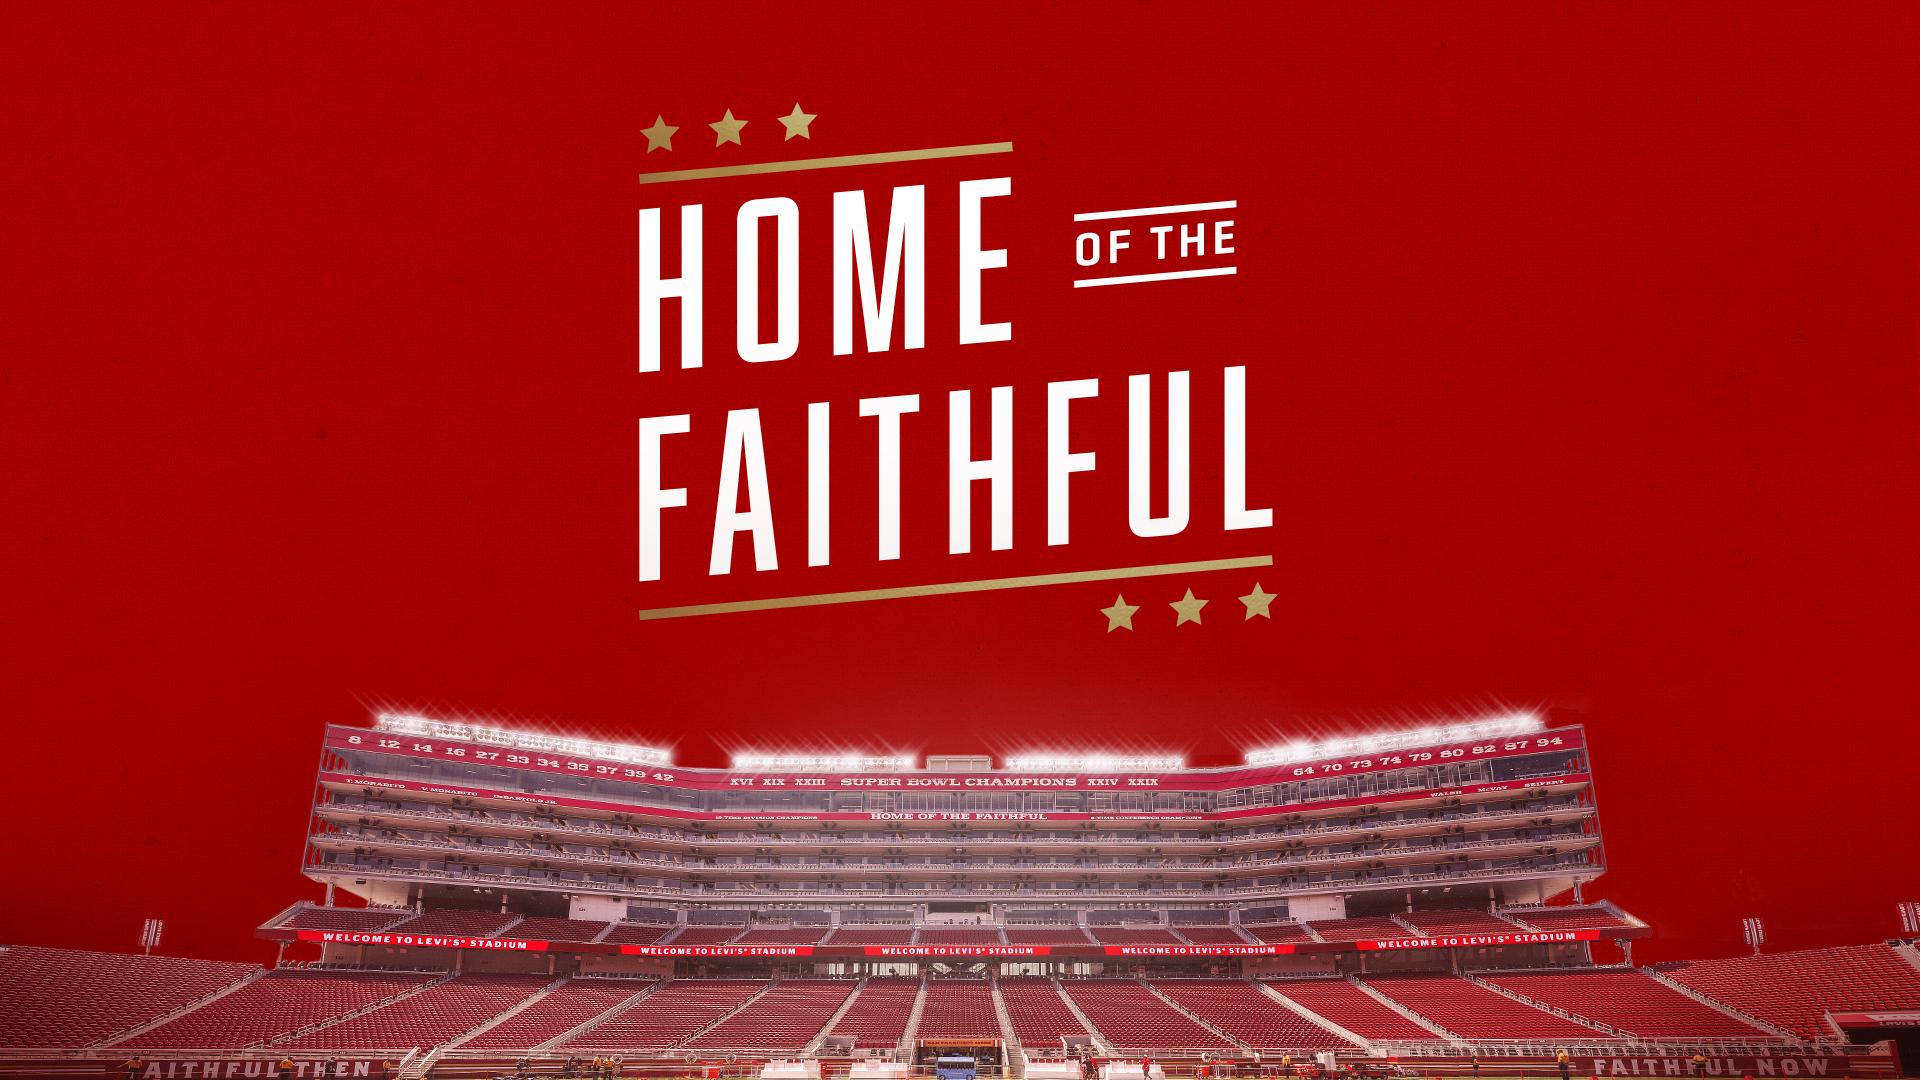 49ers Fans San Francisco 49ers 49erscom 1920x1080